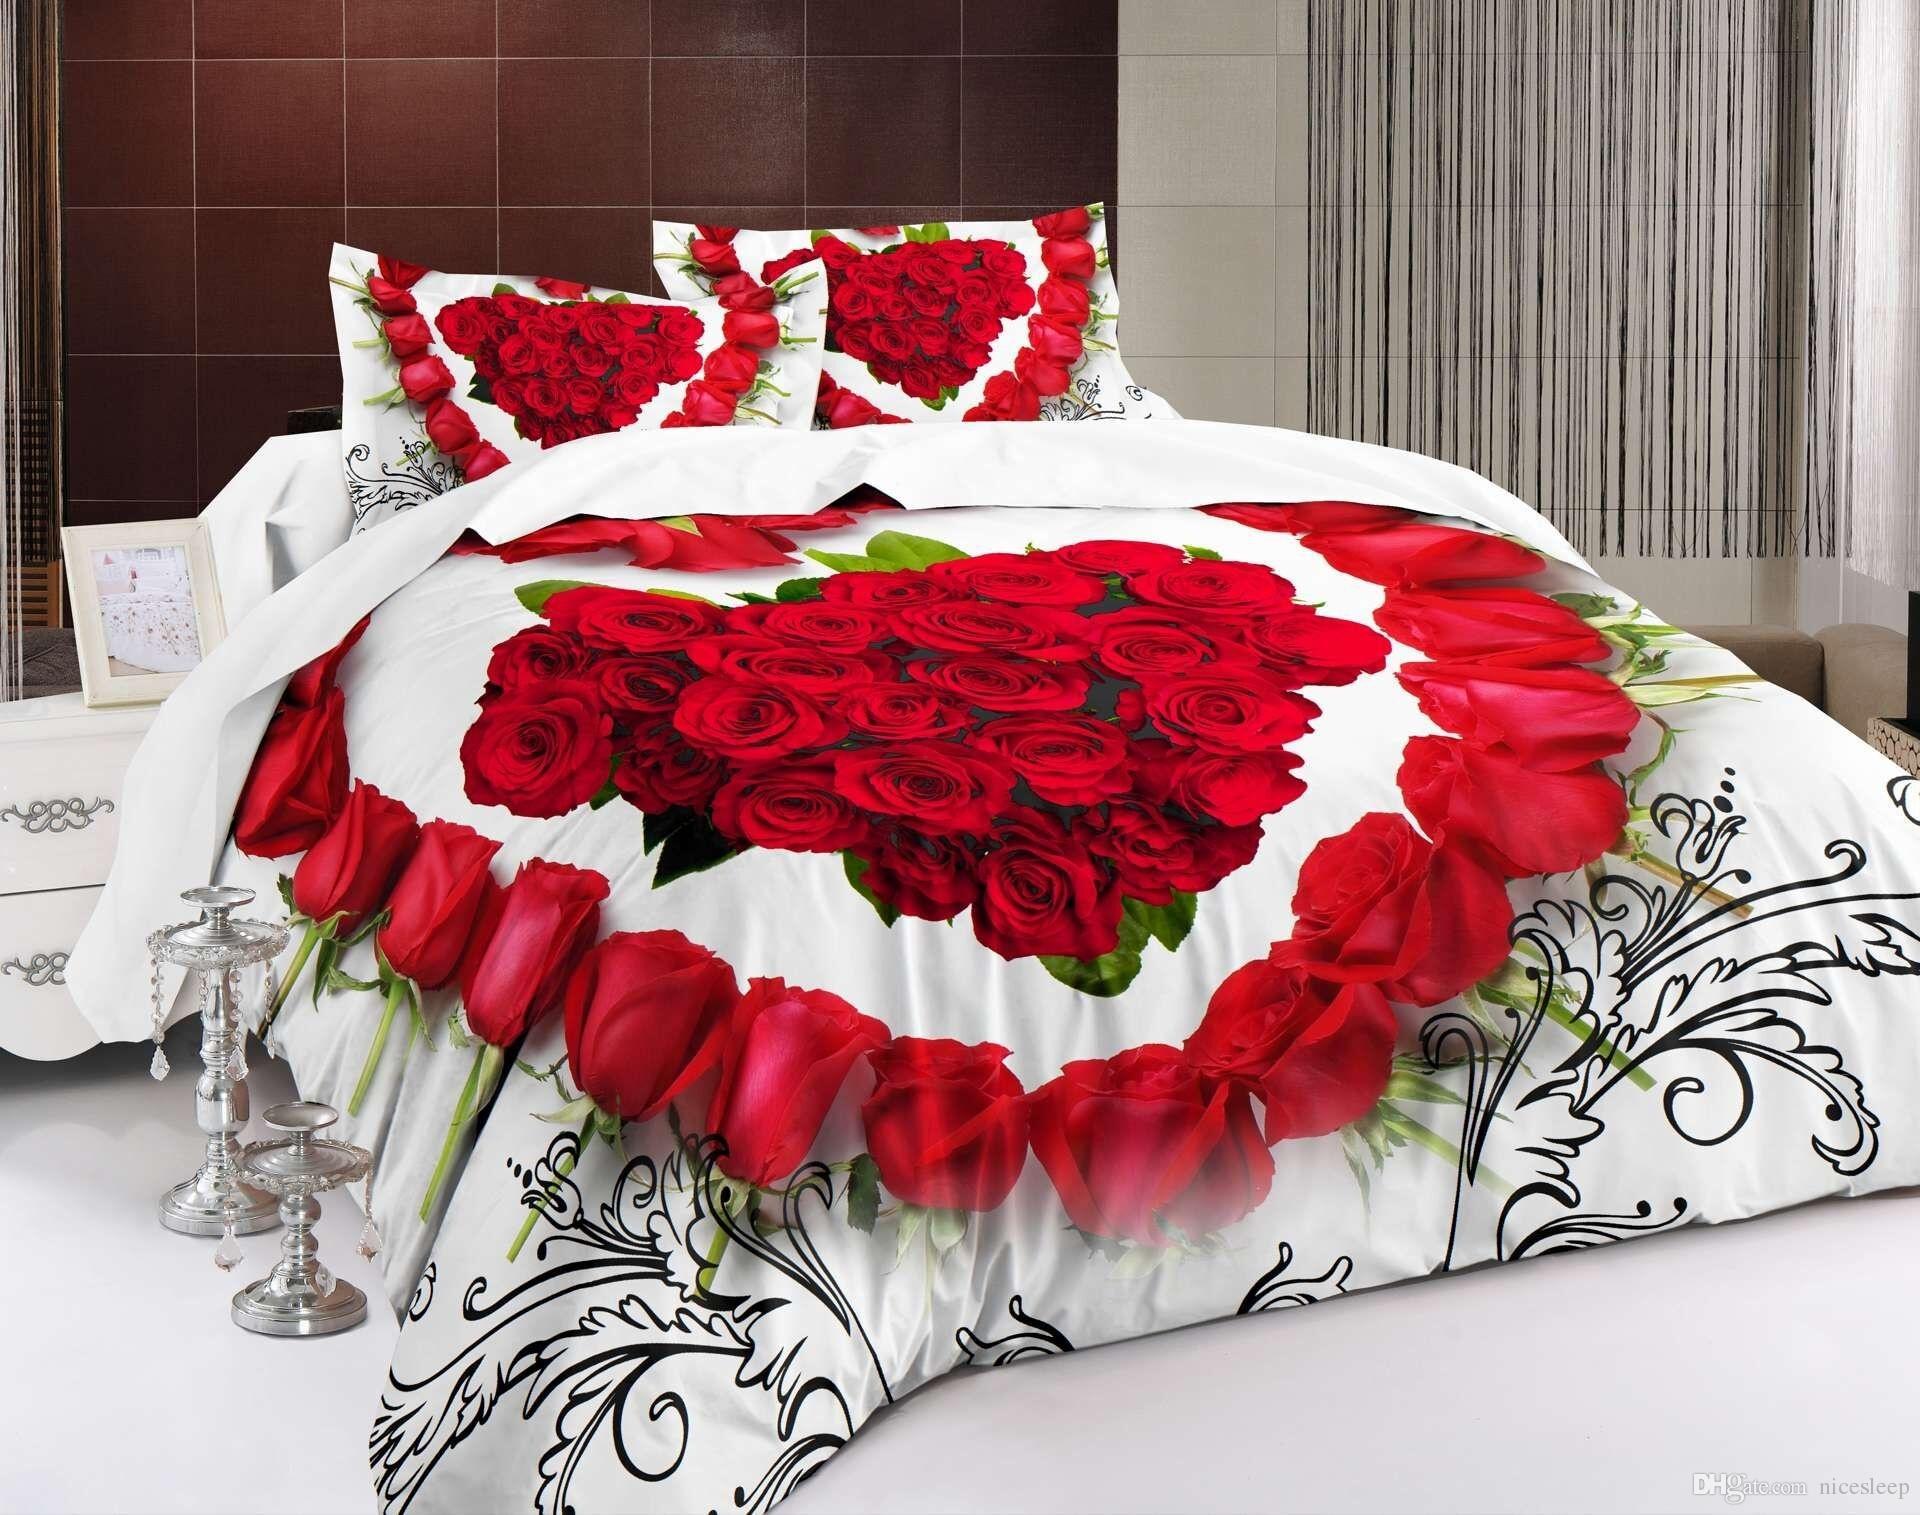 Novo Design 3D Flores Vermelhas jogo de Cama coração Impresso Cama Colcha Lençóis Capa de Edredão Set Rainha